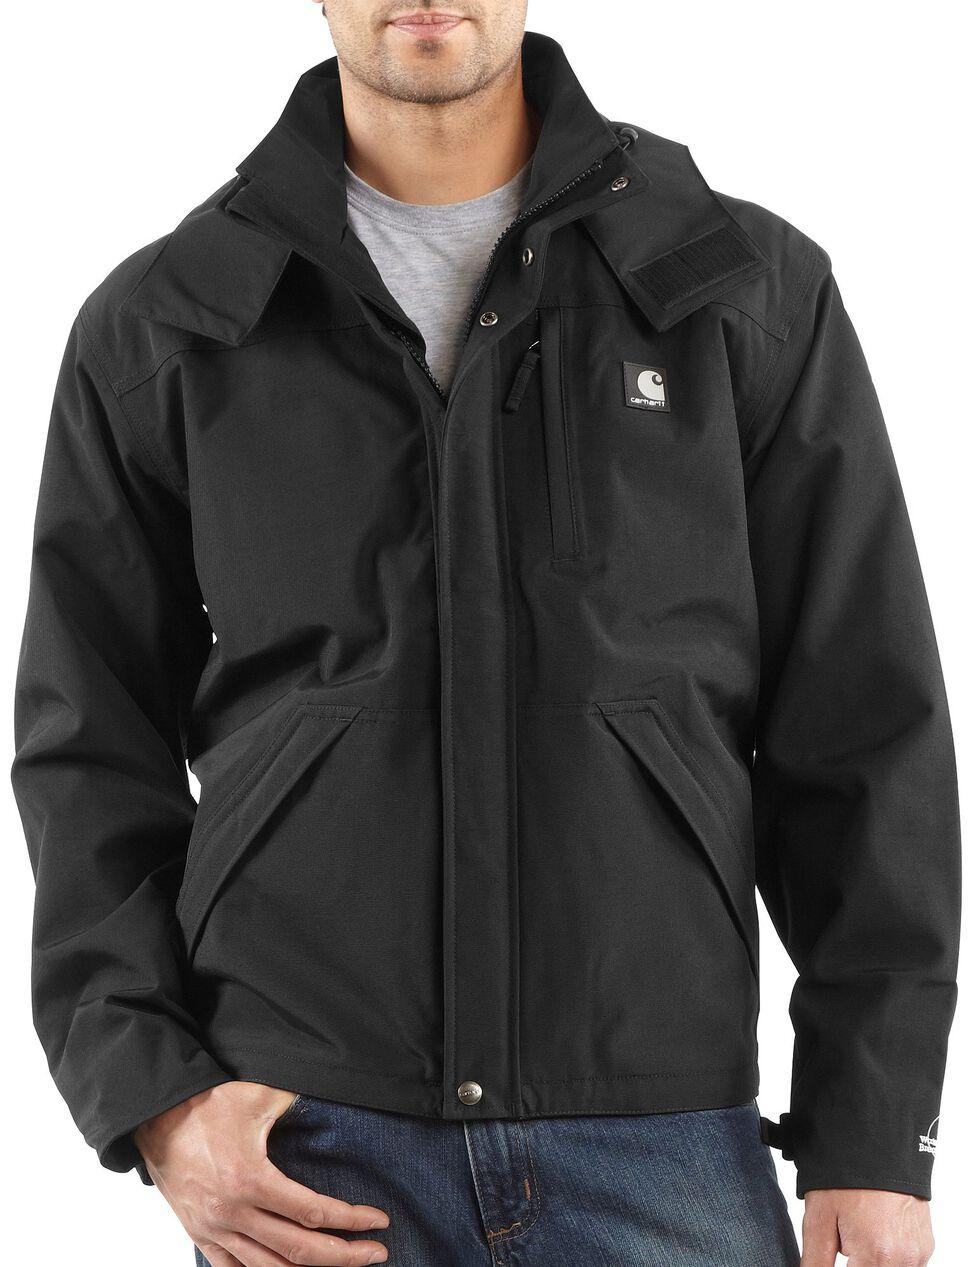 Carhartt Shoreline Jacket - Big & Tall, Black, hi-res